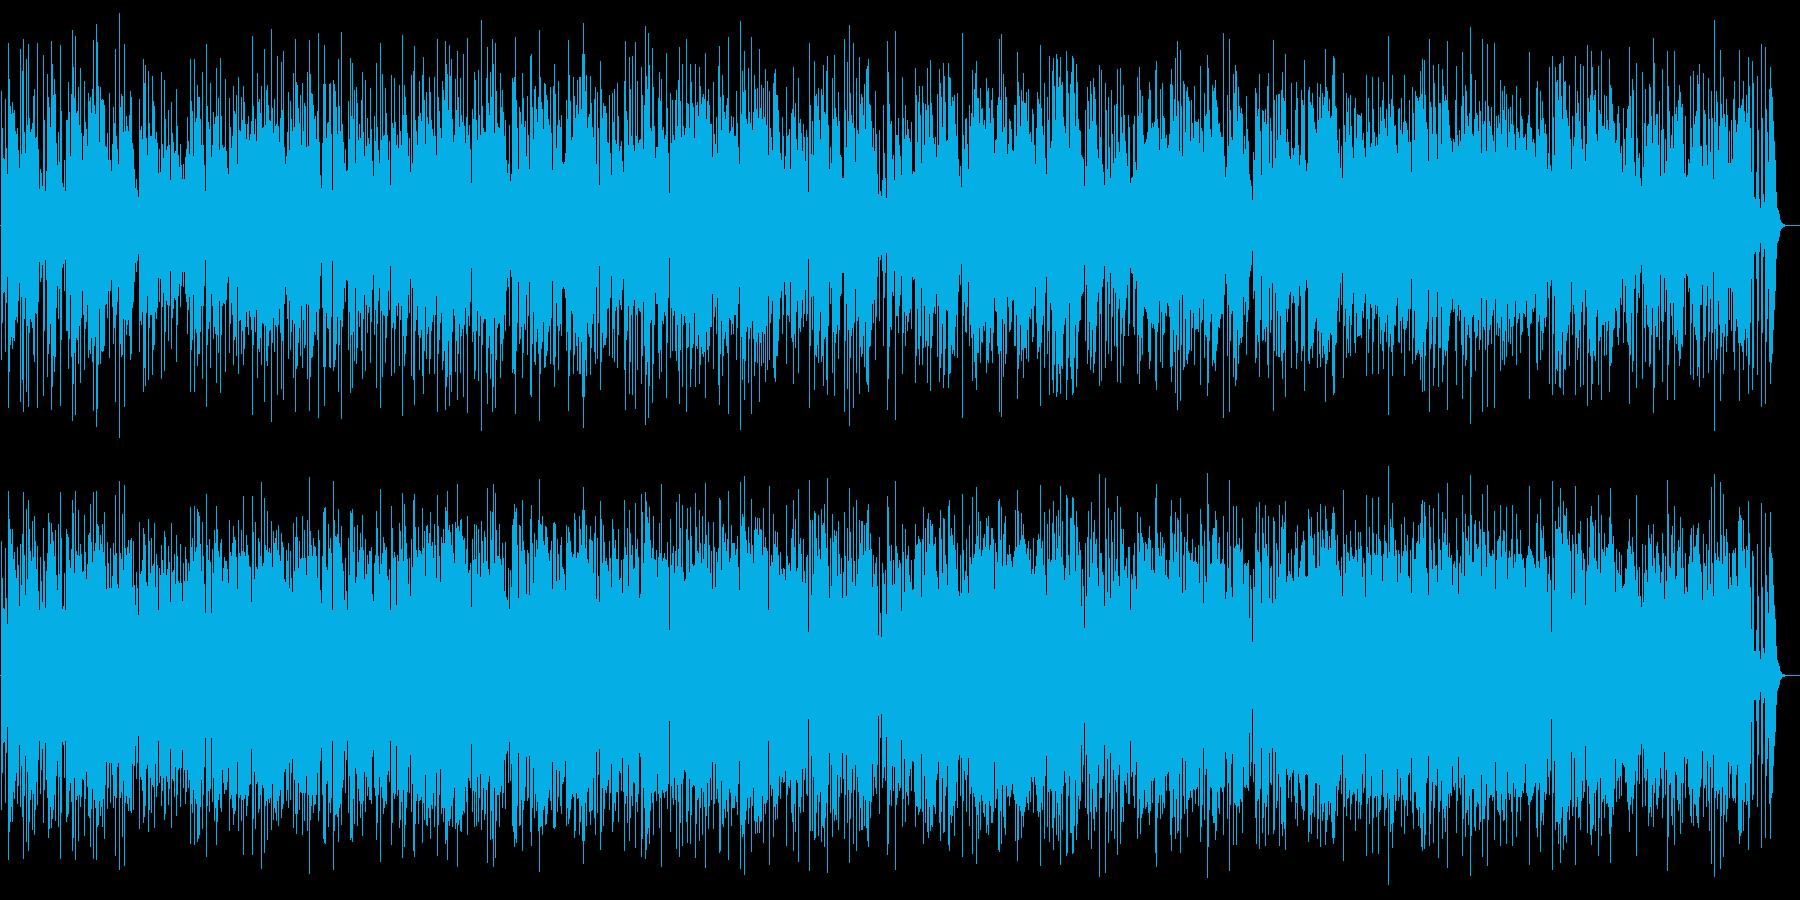 ノクターン変ホ長調「夜想曲第2番」の再生済みの波形